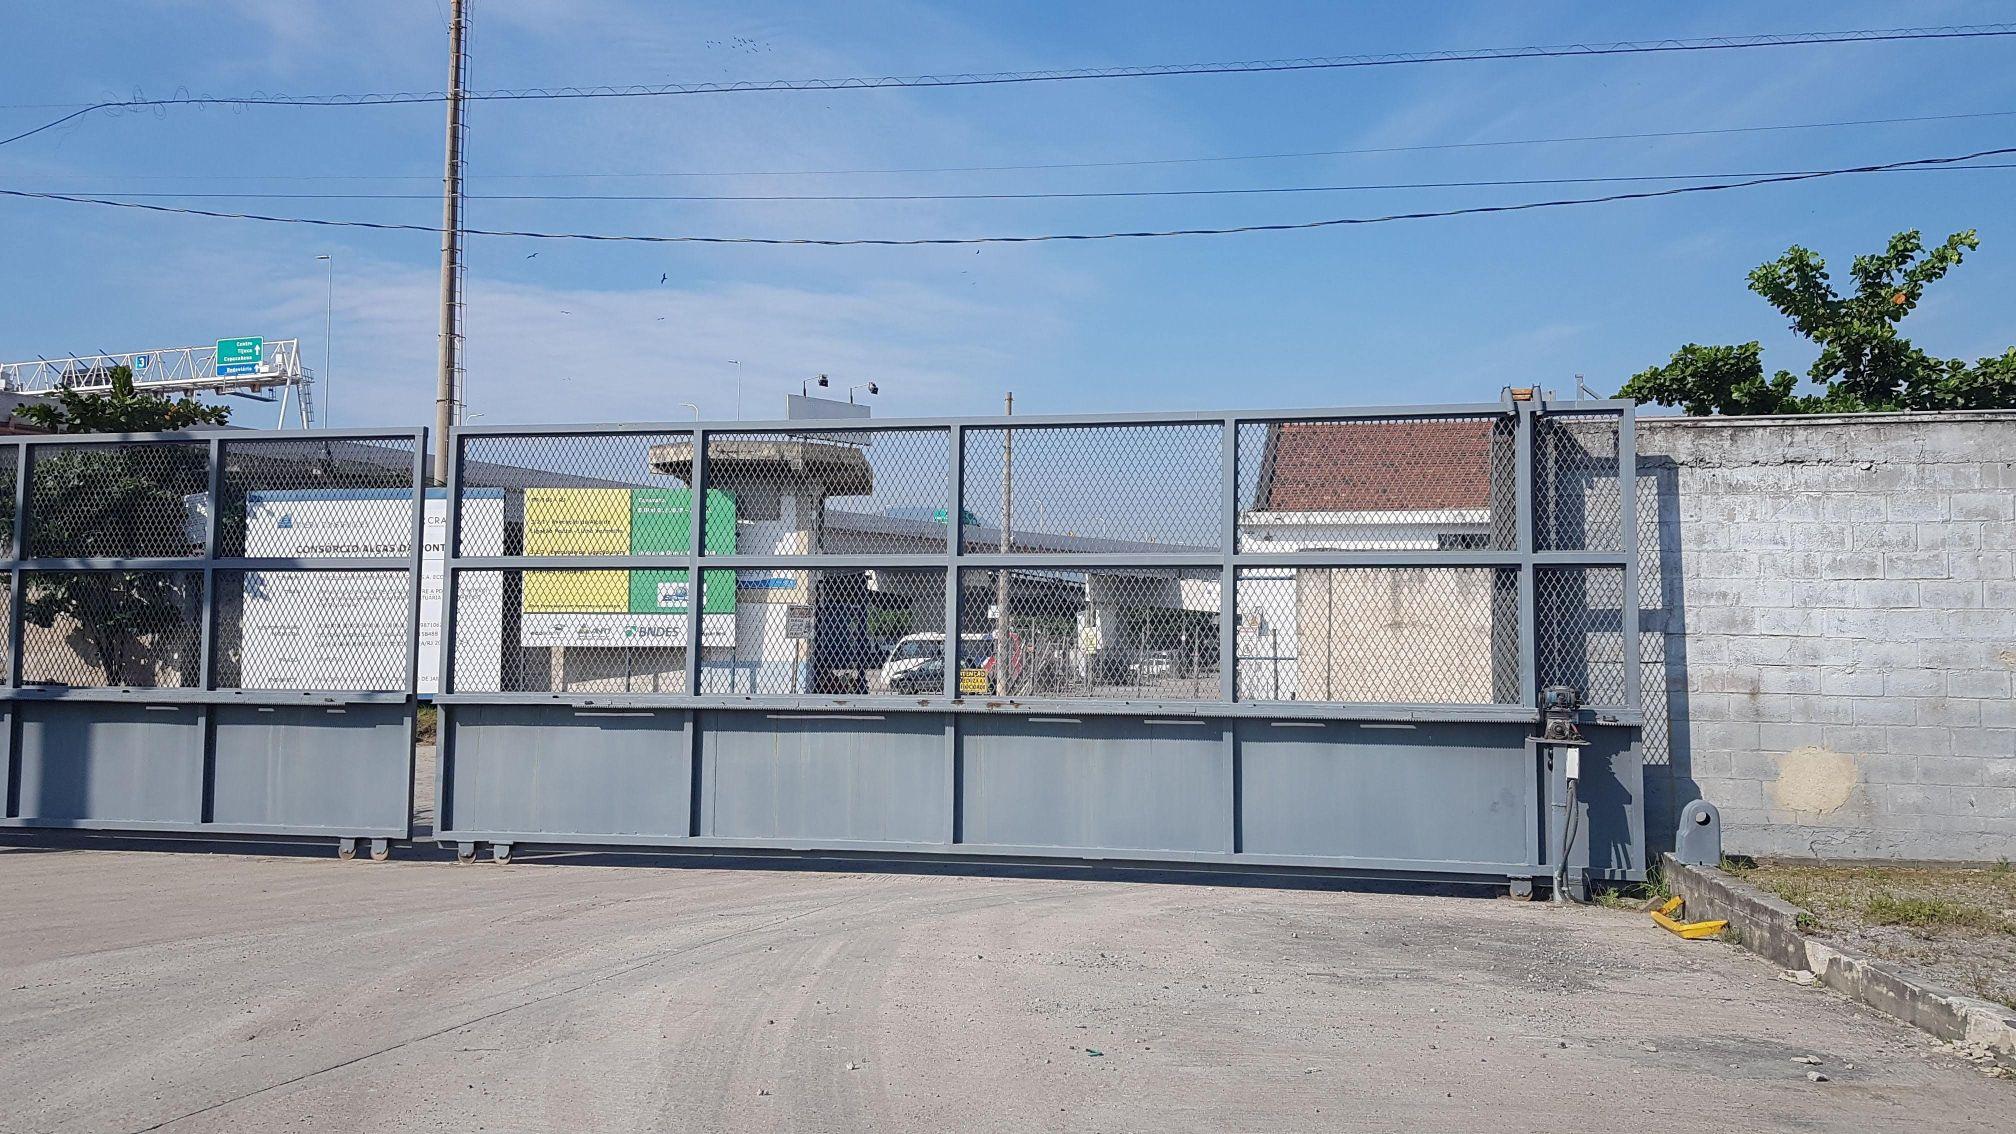 Projetos estruturais e automatização de portões